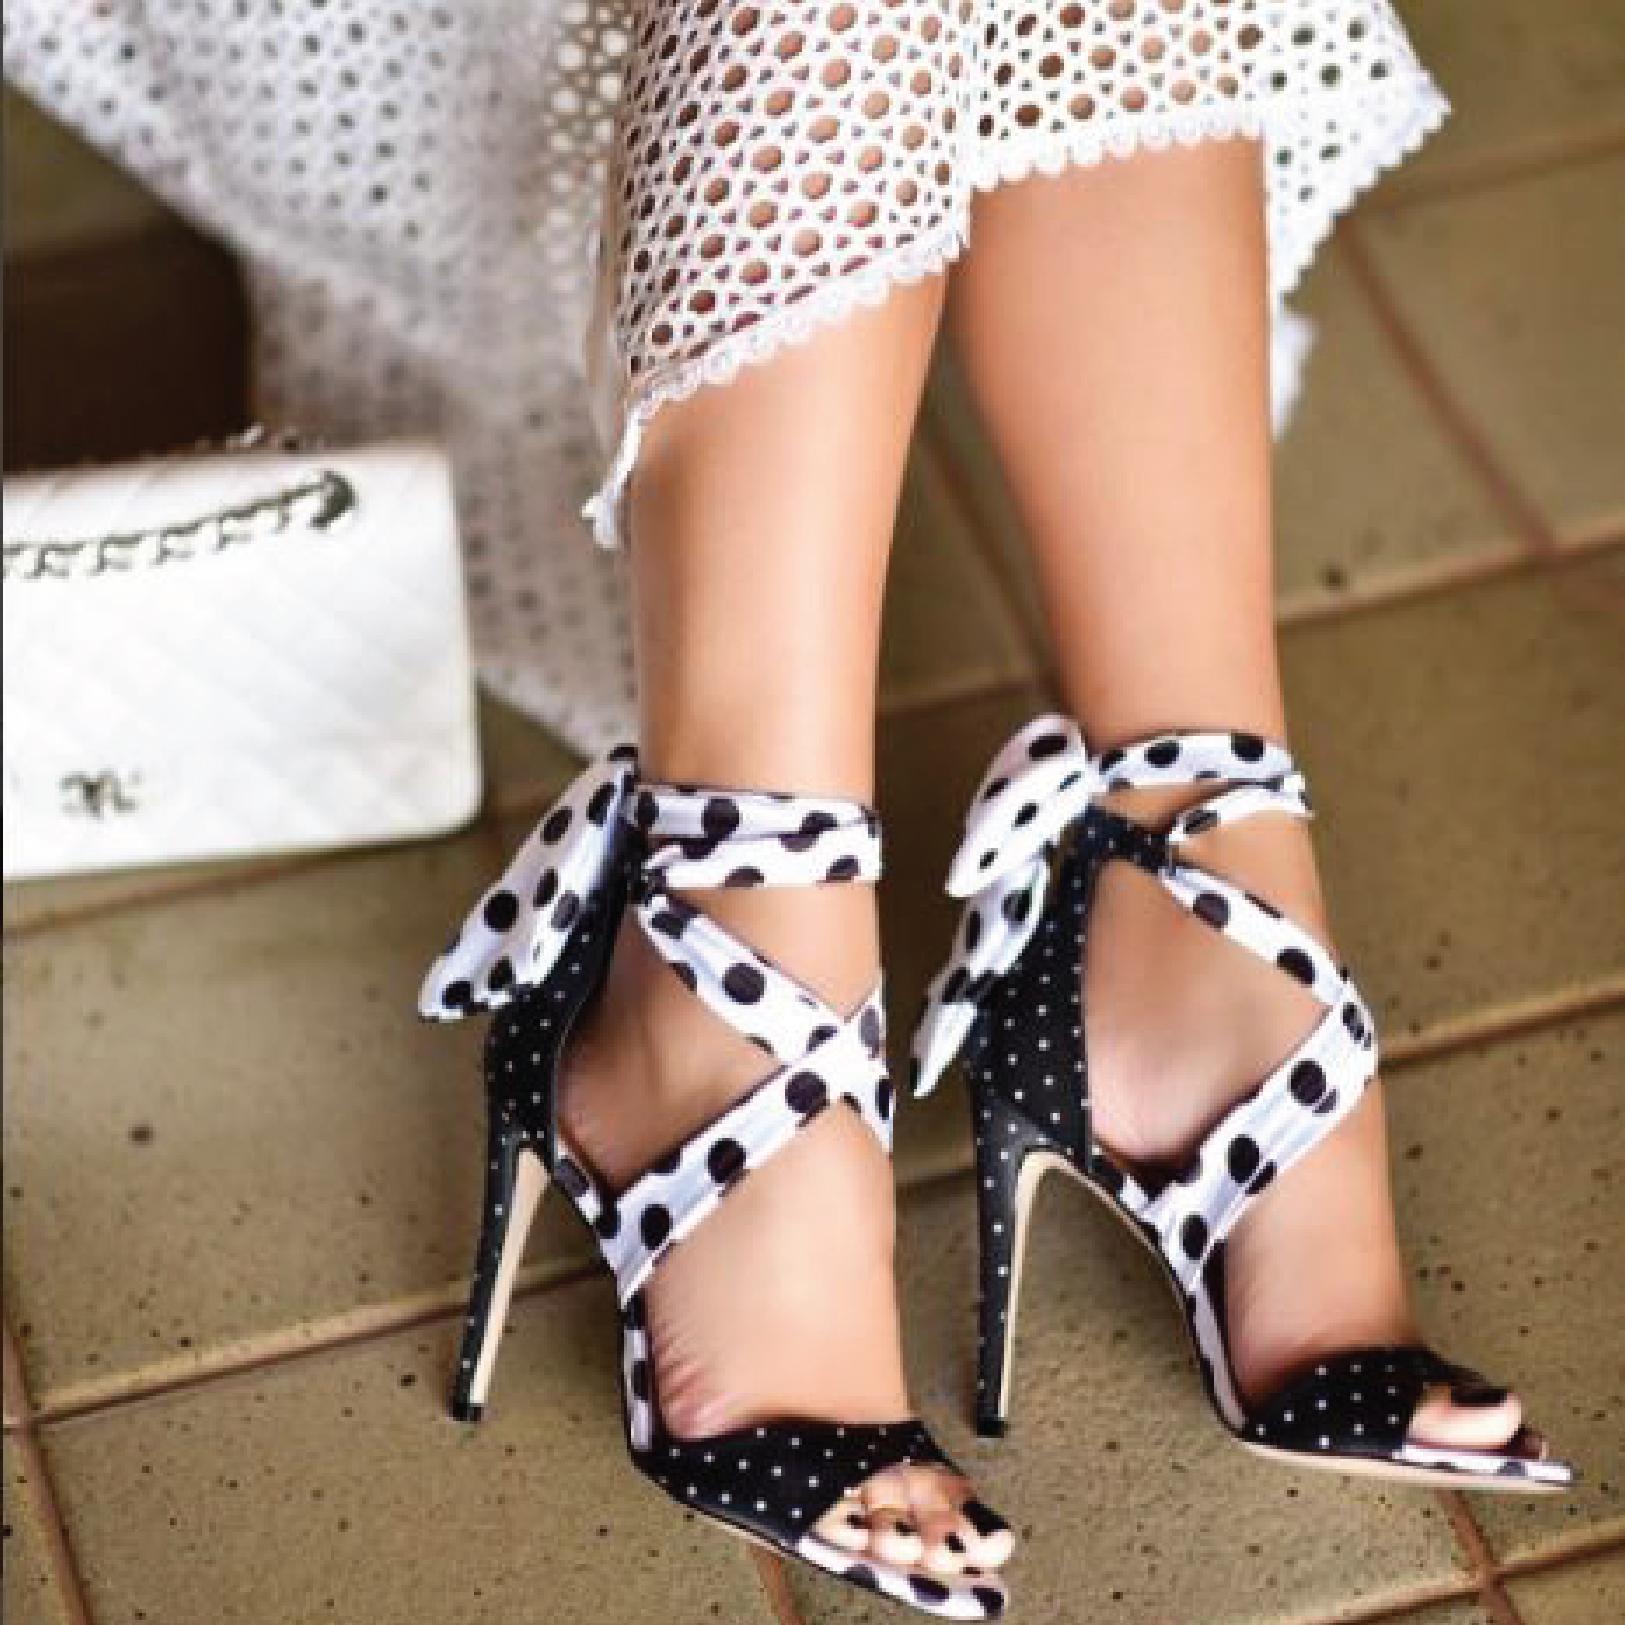 9e37cbeec Está é a loja oficial de calçados da marca Cecconello, compre Scarpin,  Sandálias, Botas, Rasteiras, Sapatilhas, Bolsas, Peep Toes e diversos  outros produtos ...